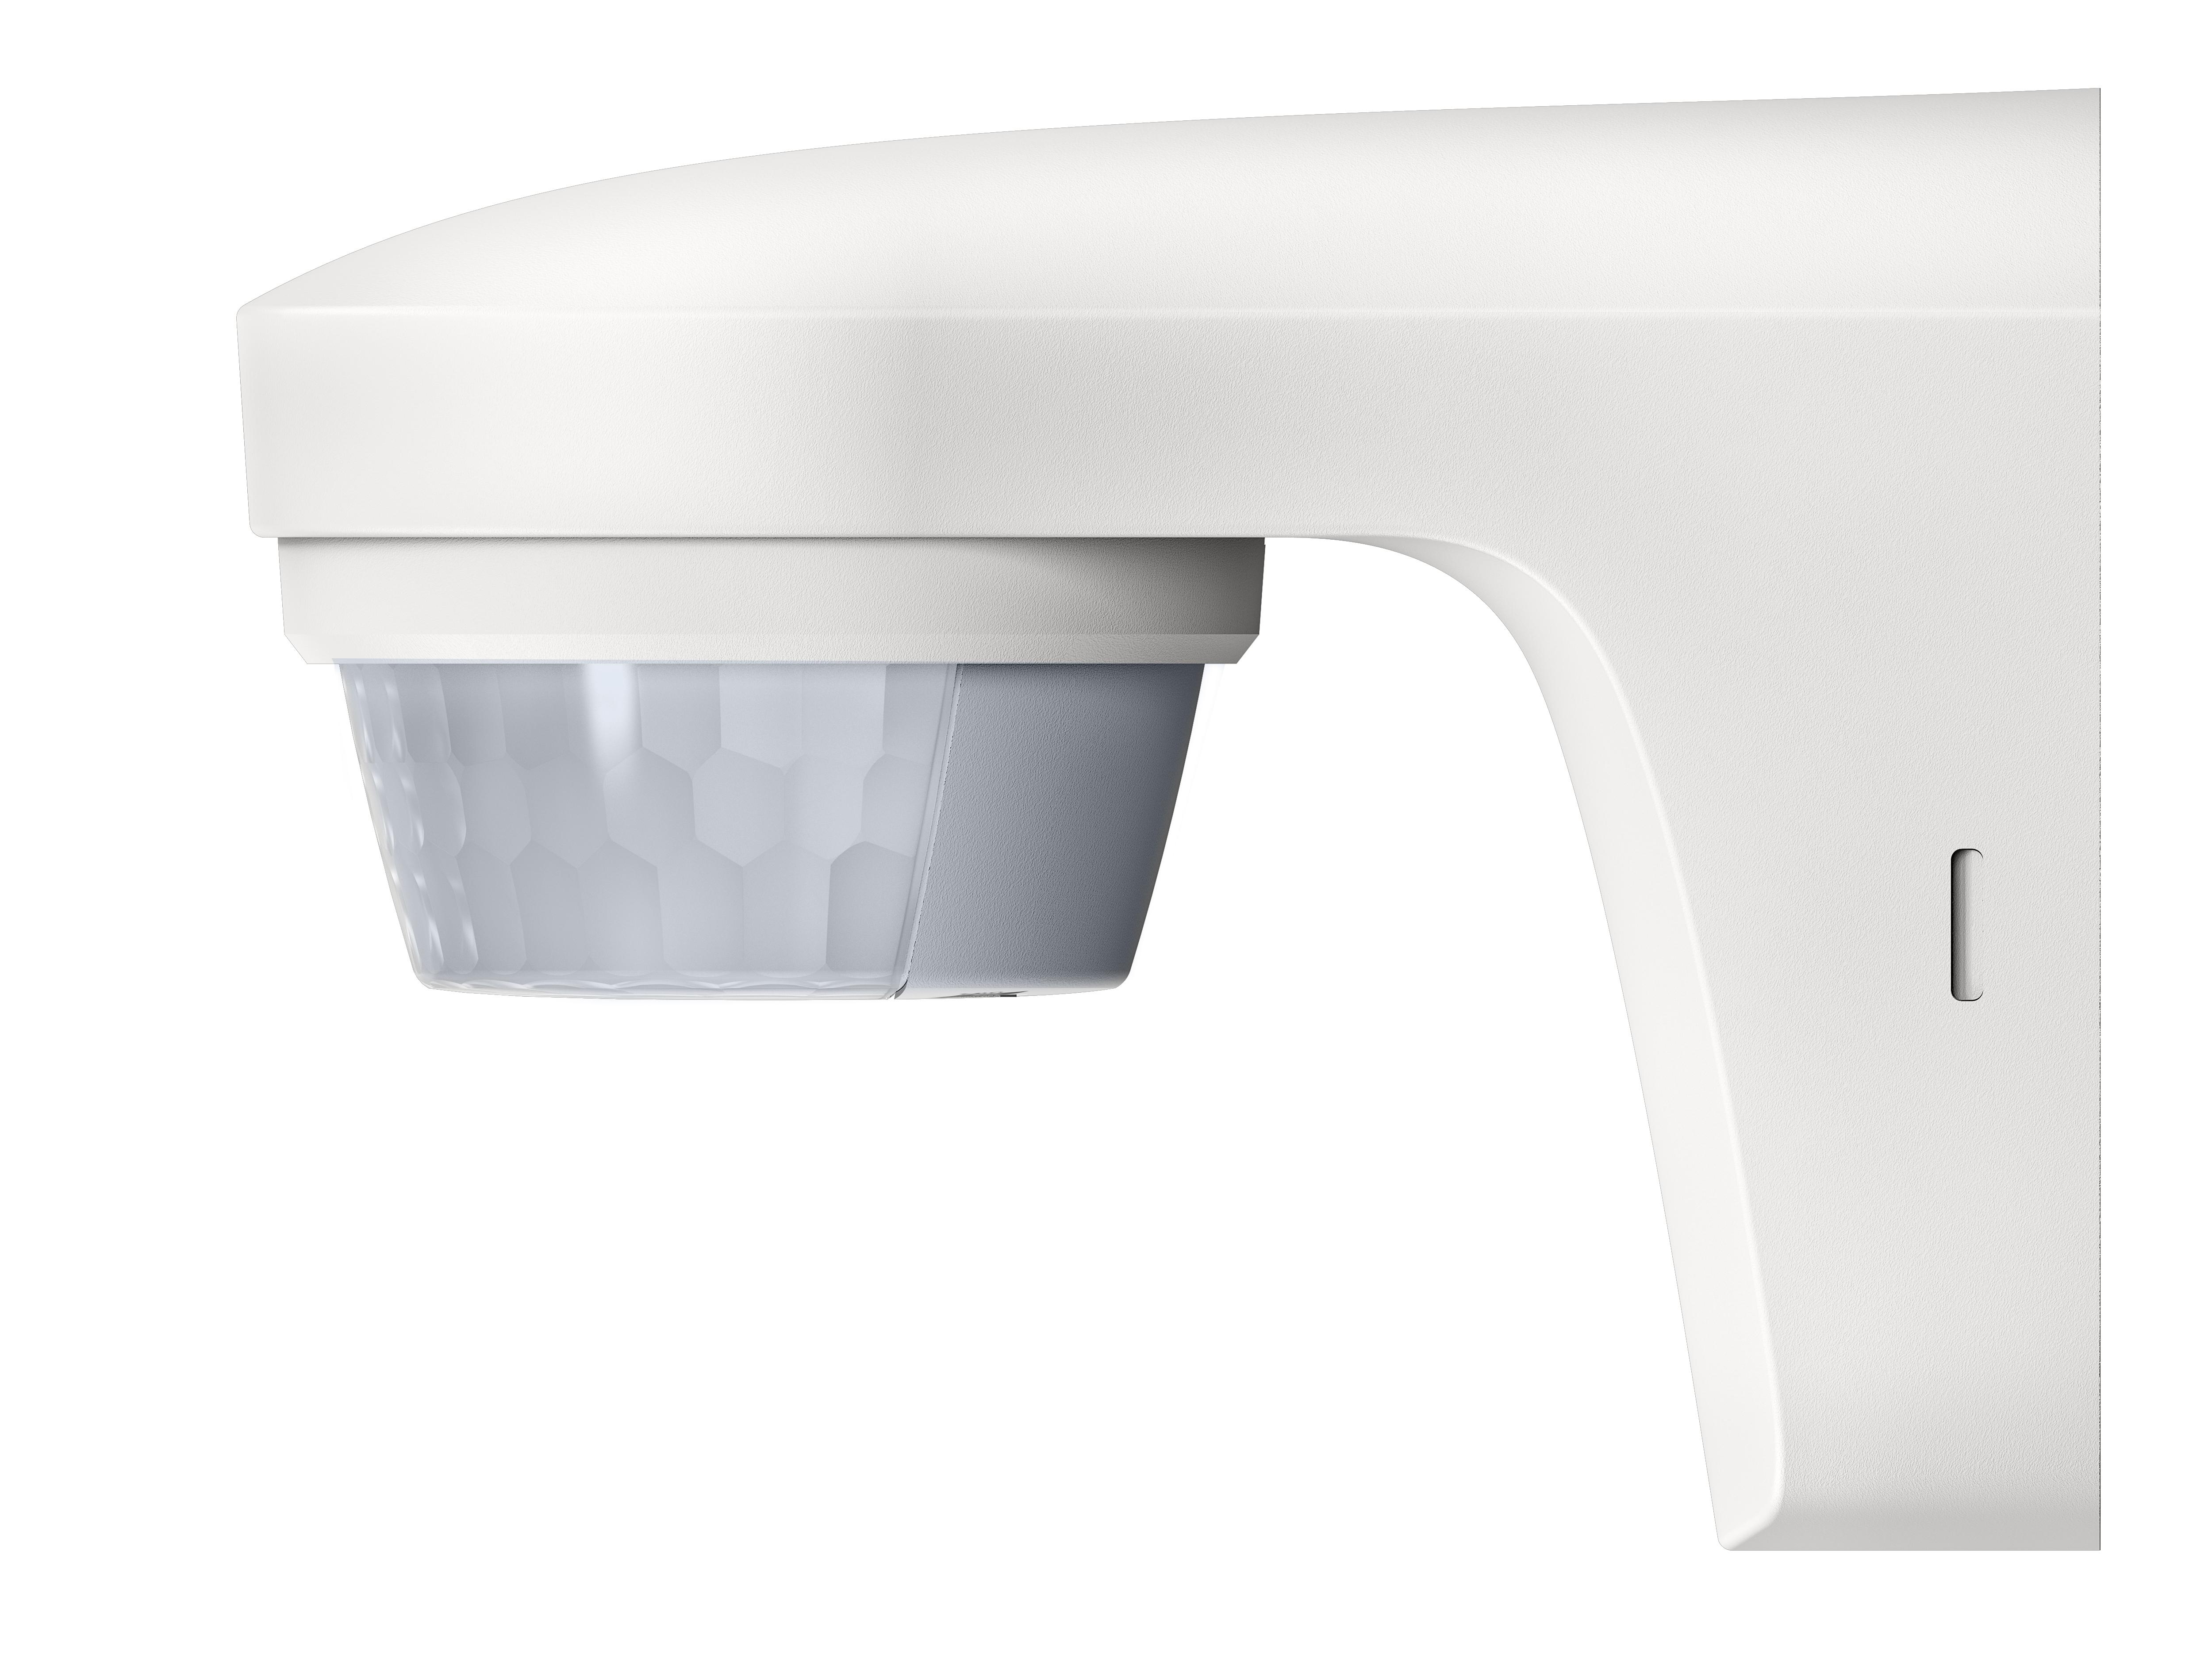 1 Stk Bewegungsmelder für Wandmontage, 150°, Ø12m, IP55, weiß EST1010500